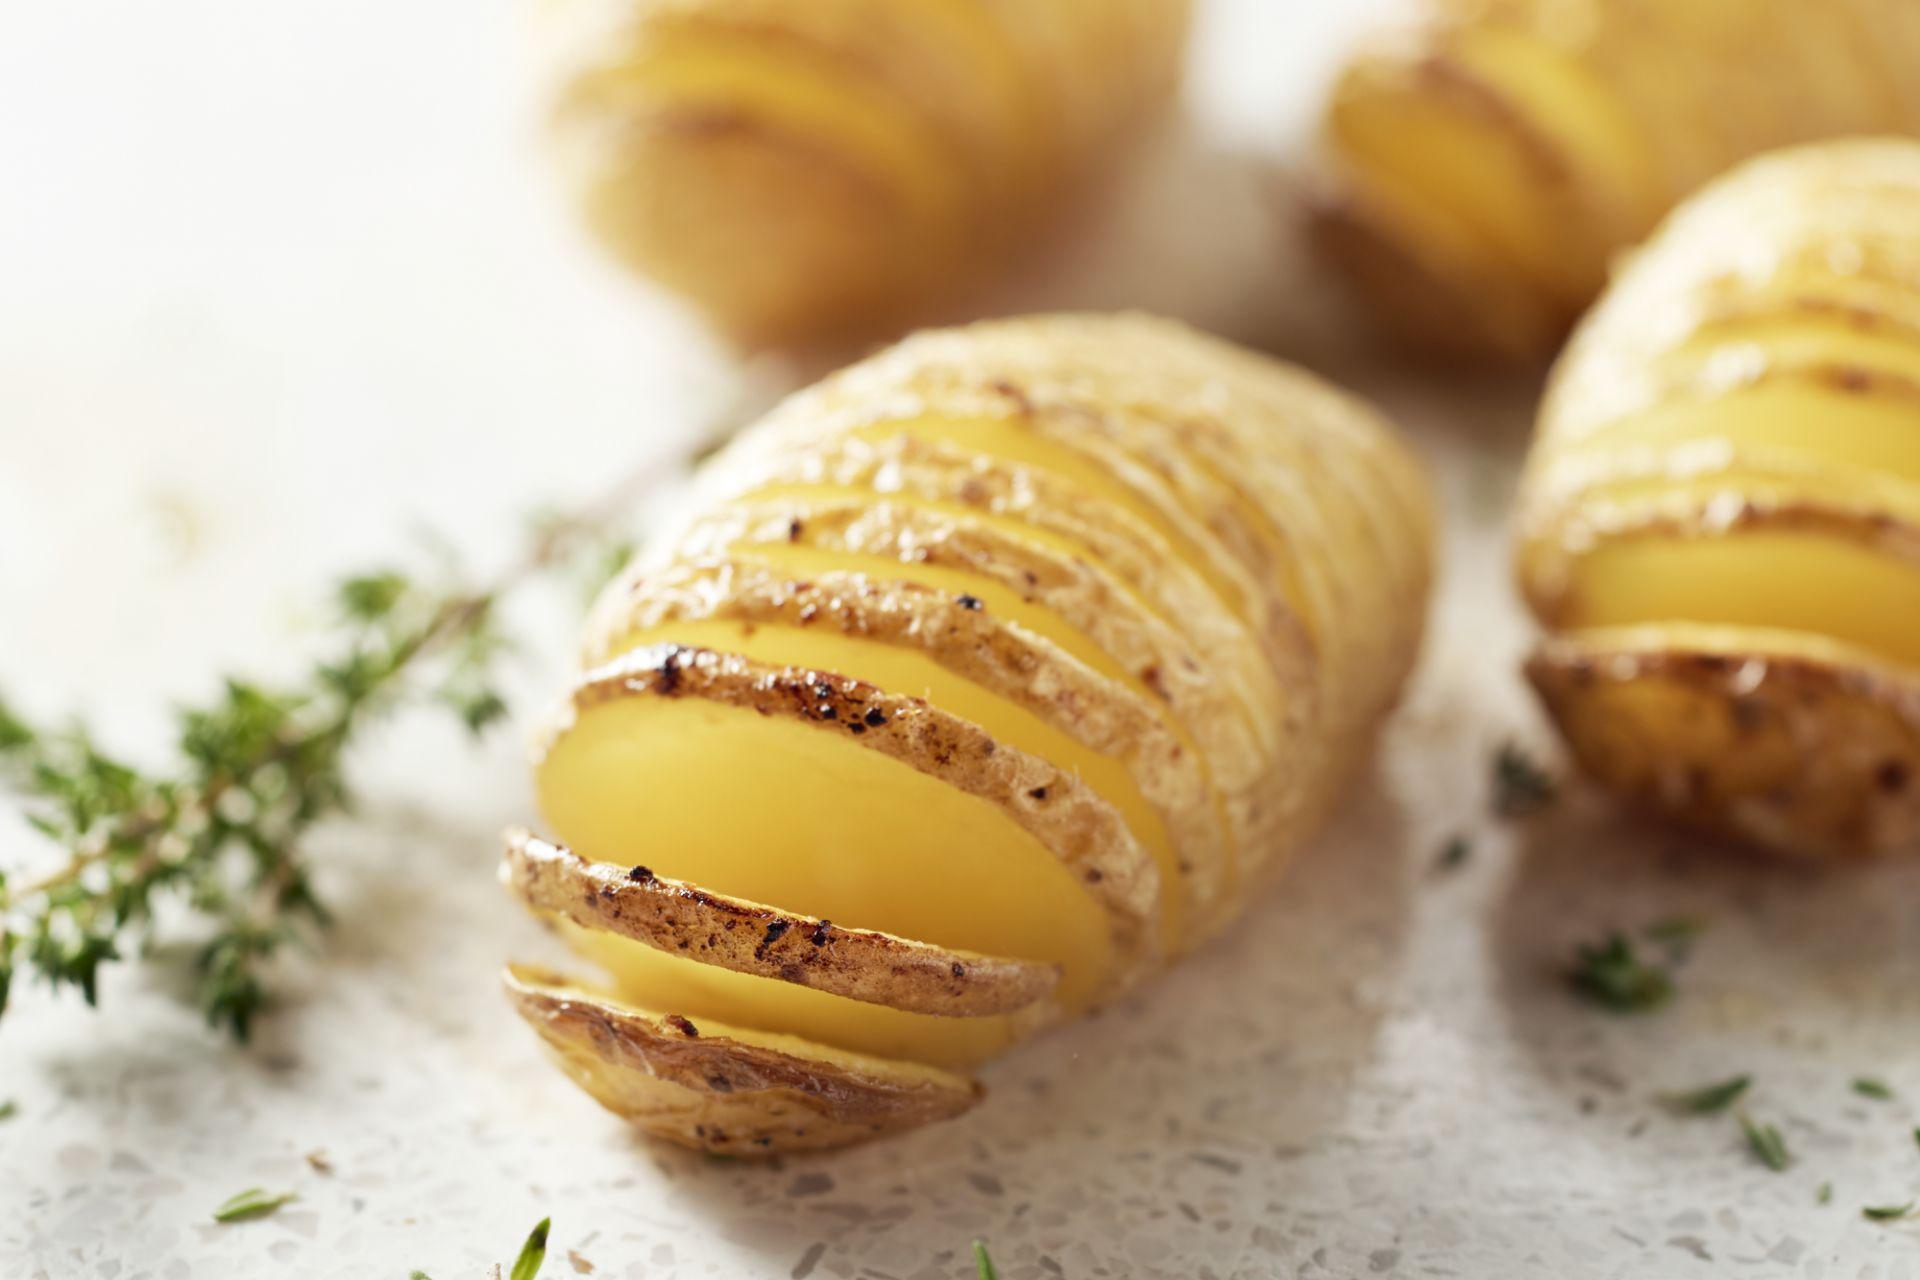 7391_hasselback-aardappeltjes_1479127927-1920x1280